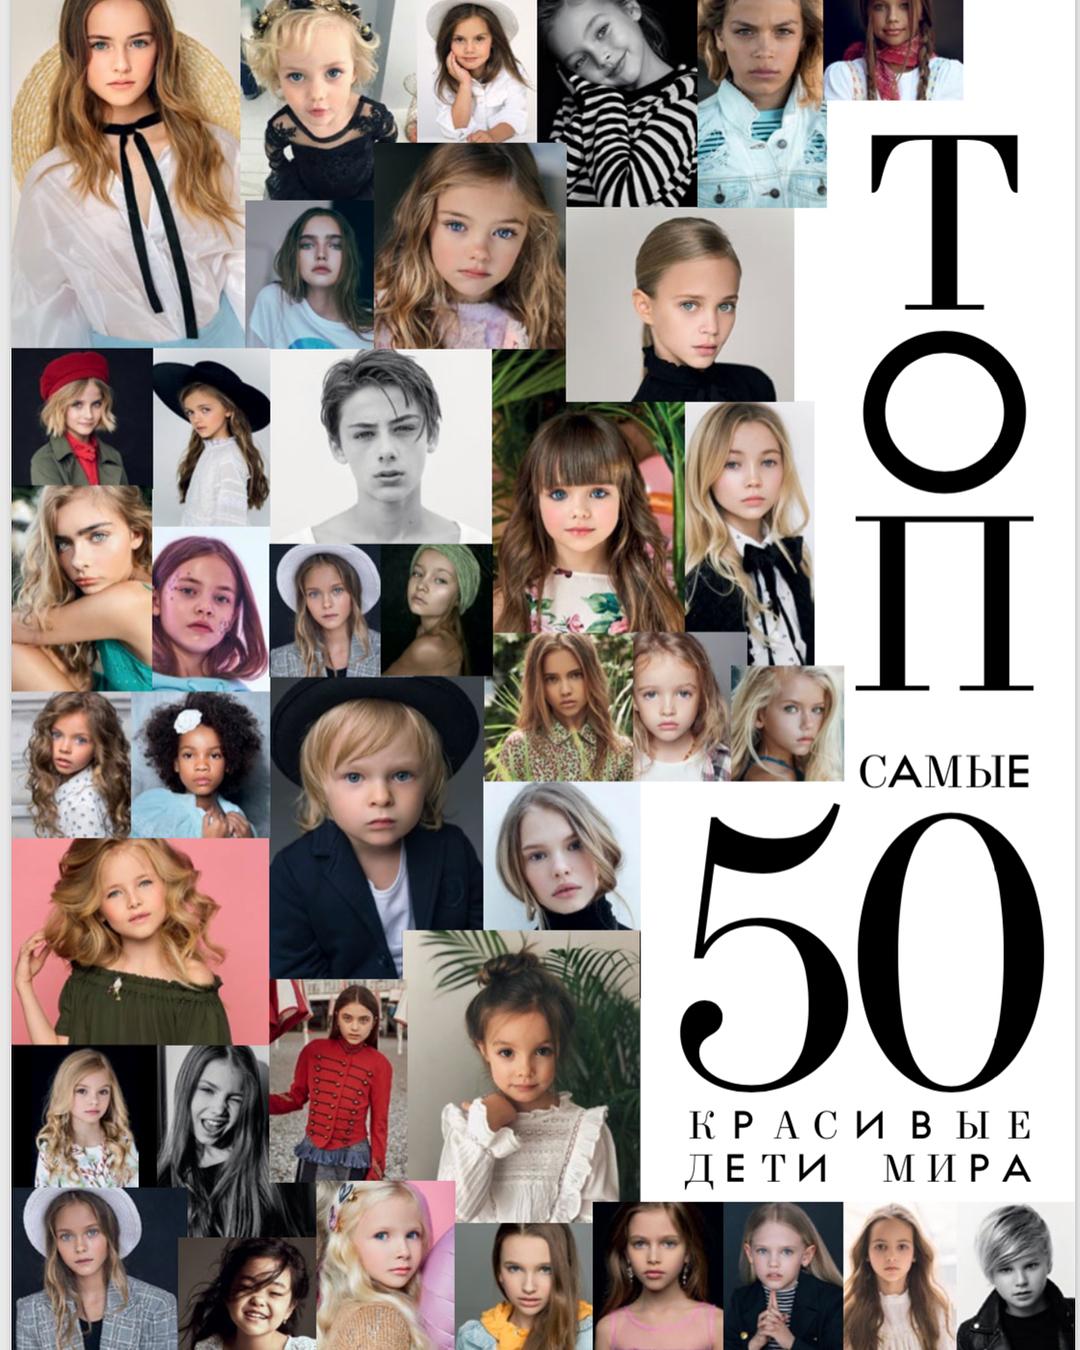 5-летний Саша Плющенко попал в ТОП-50 самых красивых детей мира